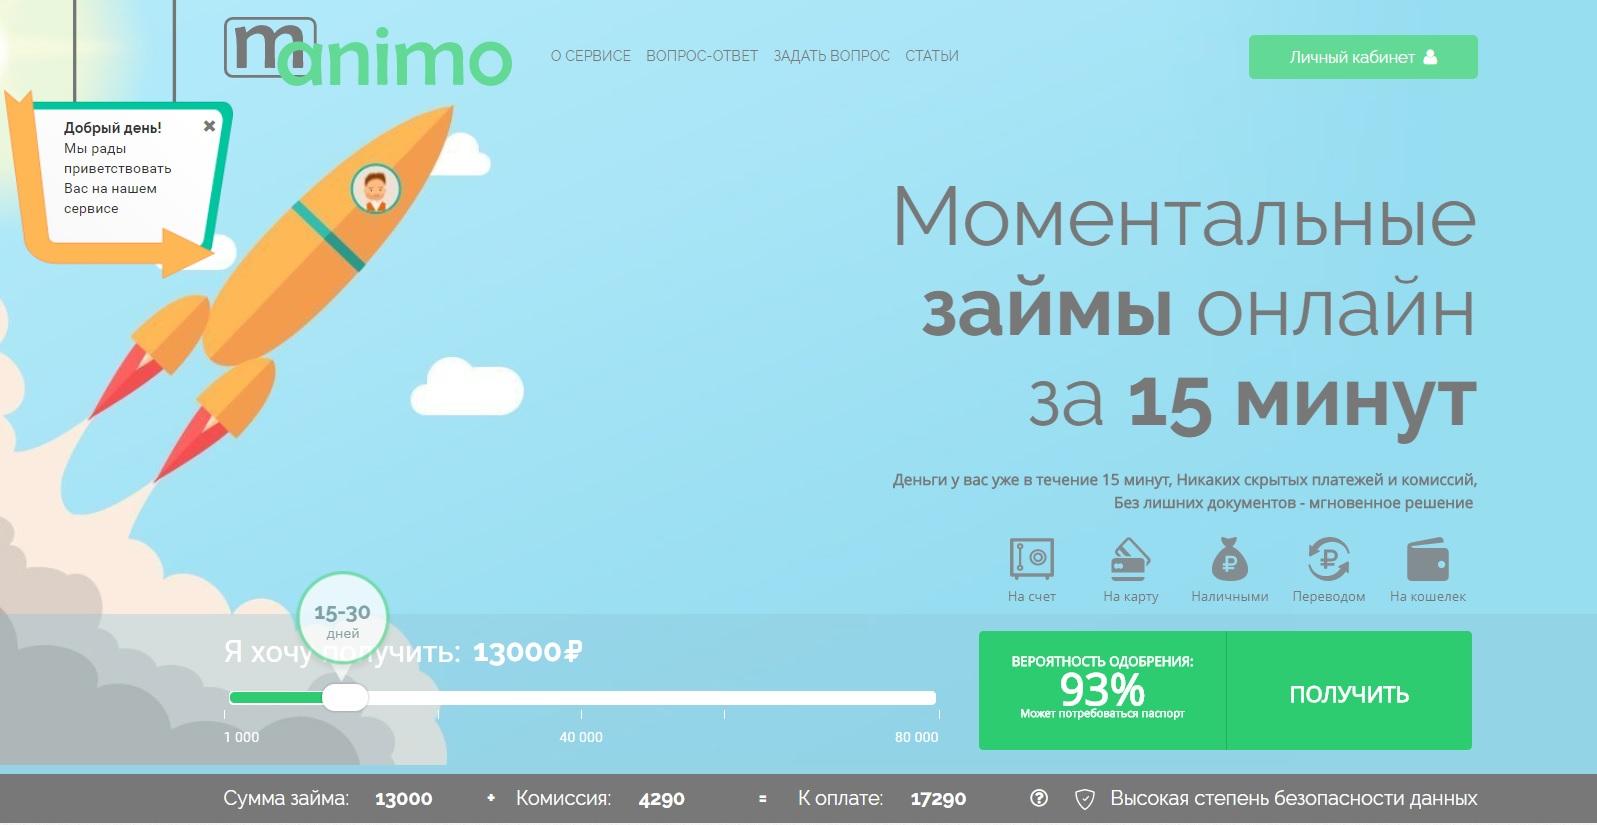 Manimoru  займ на карту через личный кабинет и отзывы о сервисе